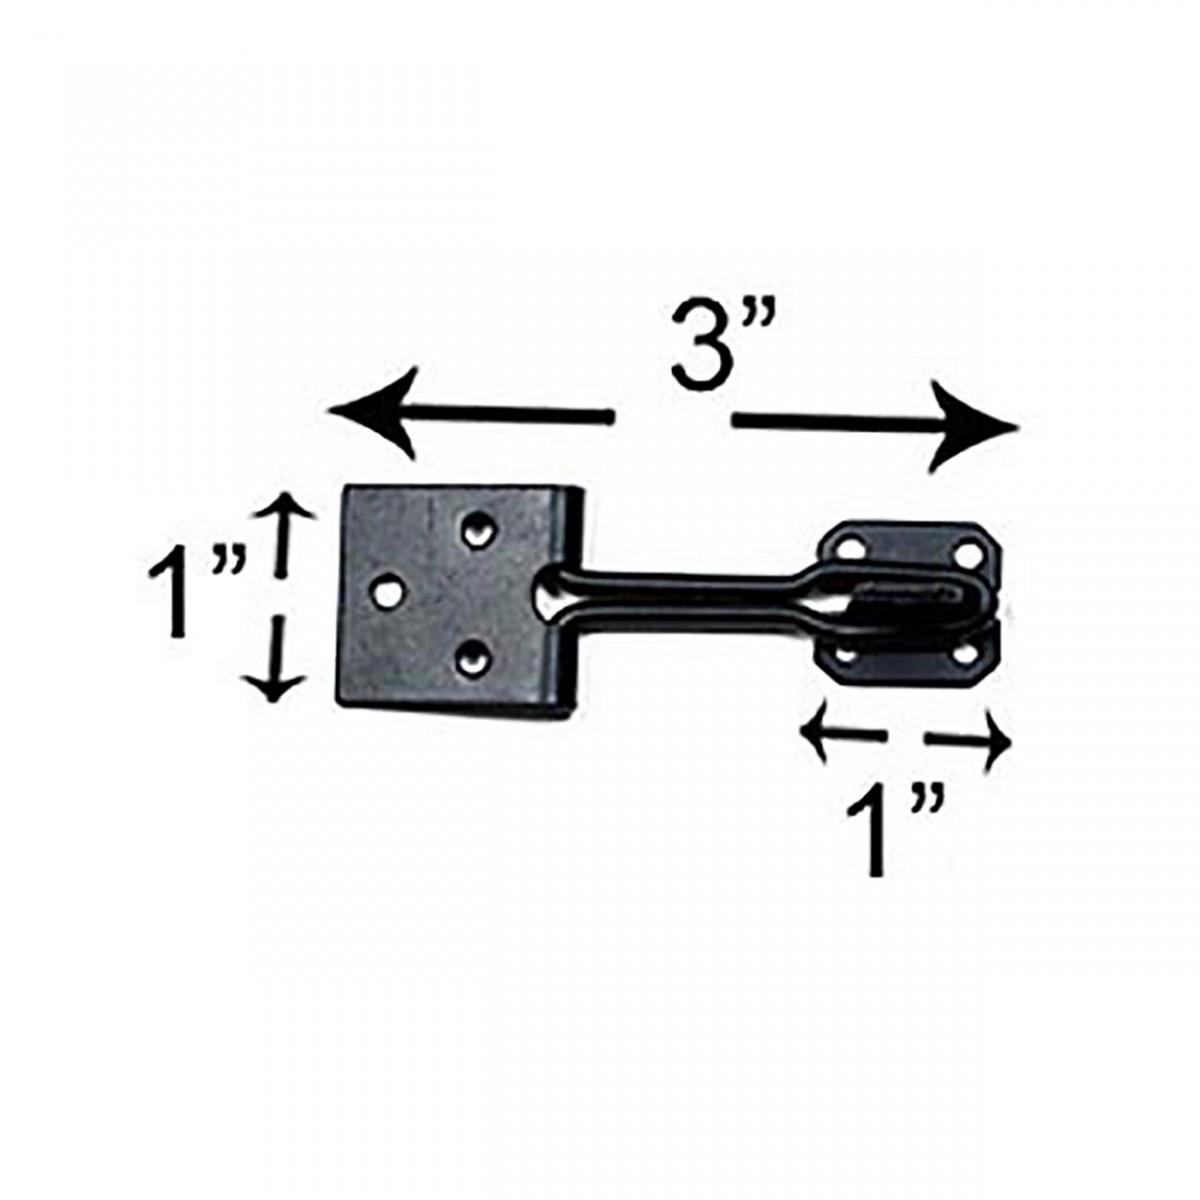 10 Door Hasp Lock Black Wrought Iron Wire 3 | Renovators Supply 3